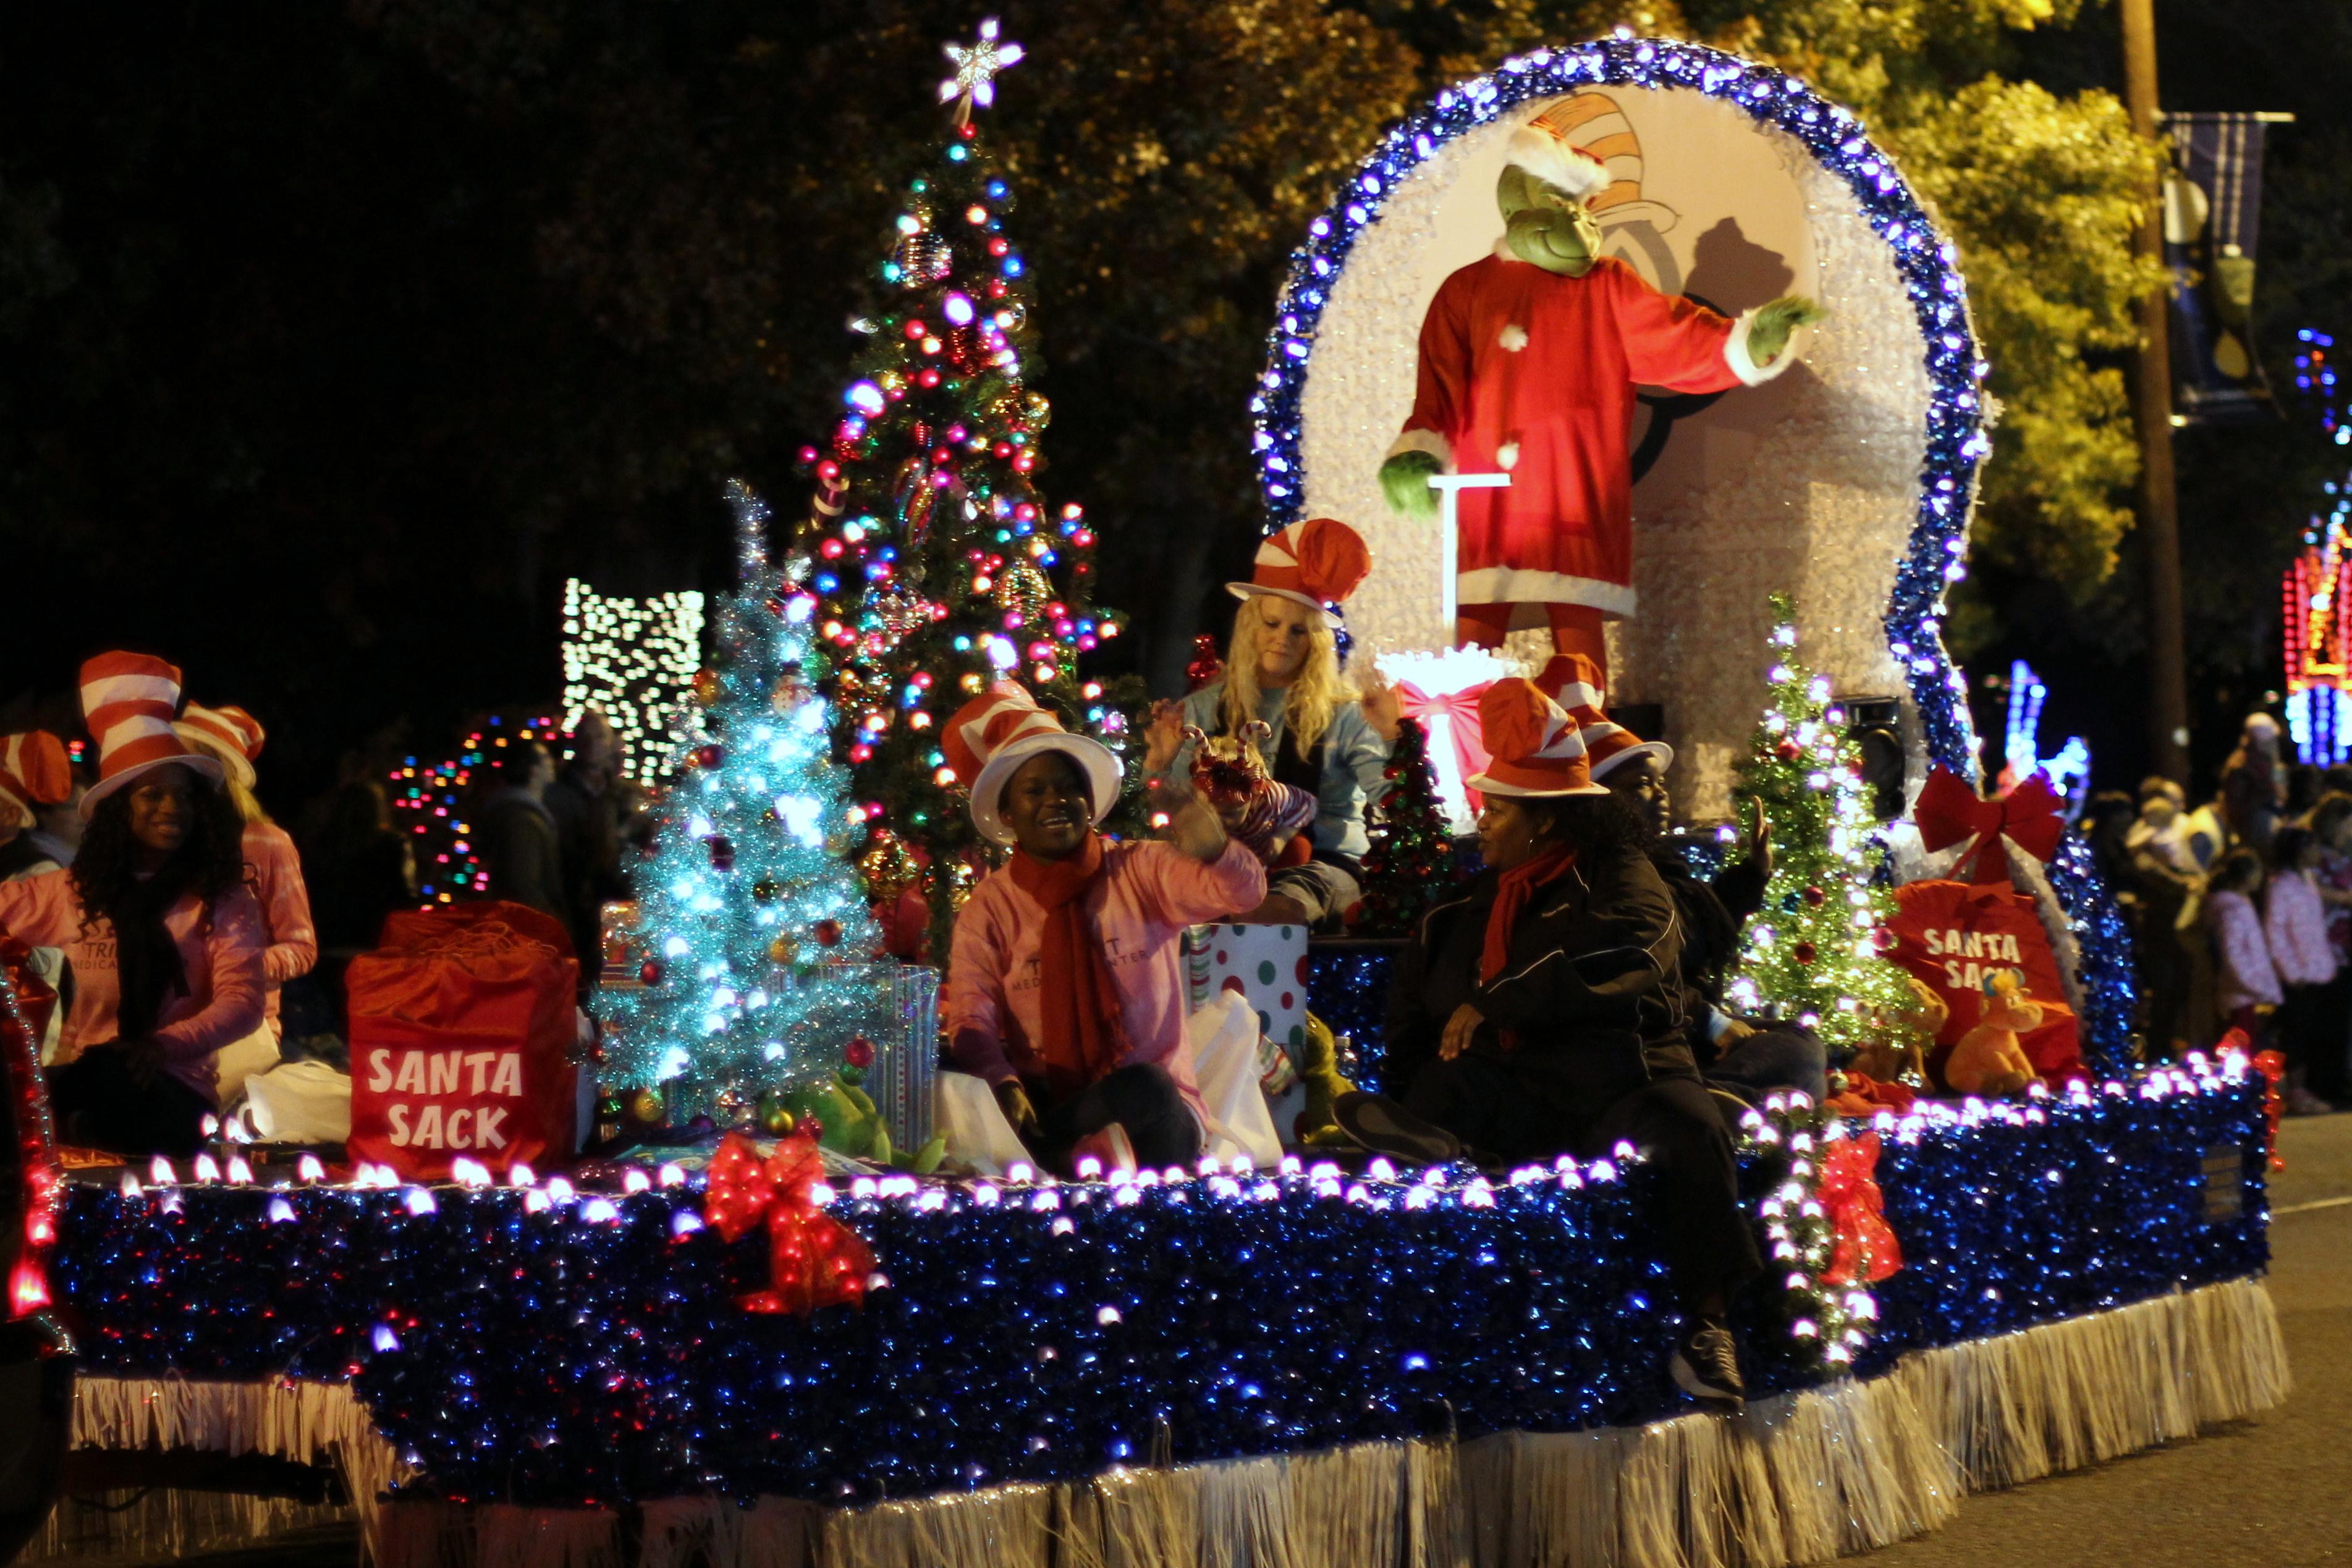 North Charleston Christmas Parade 2020 File:North Charleston Christmas Parade (8264346089).